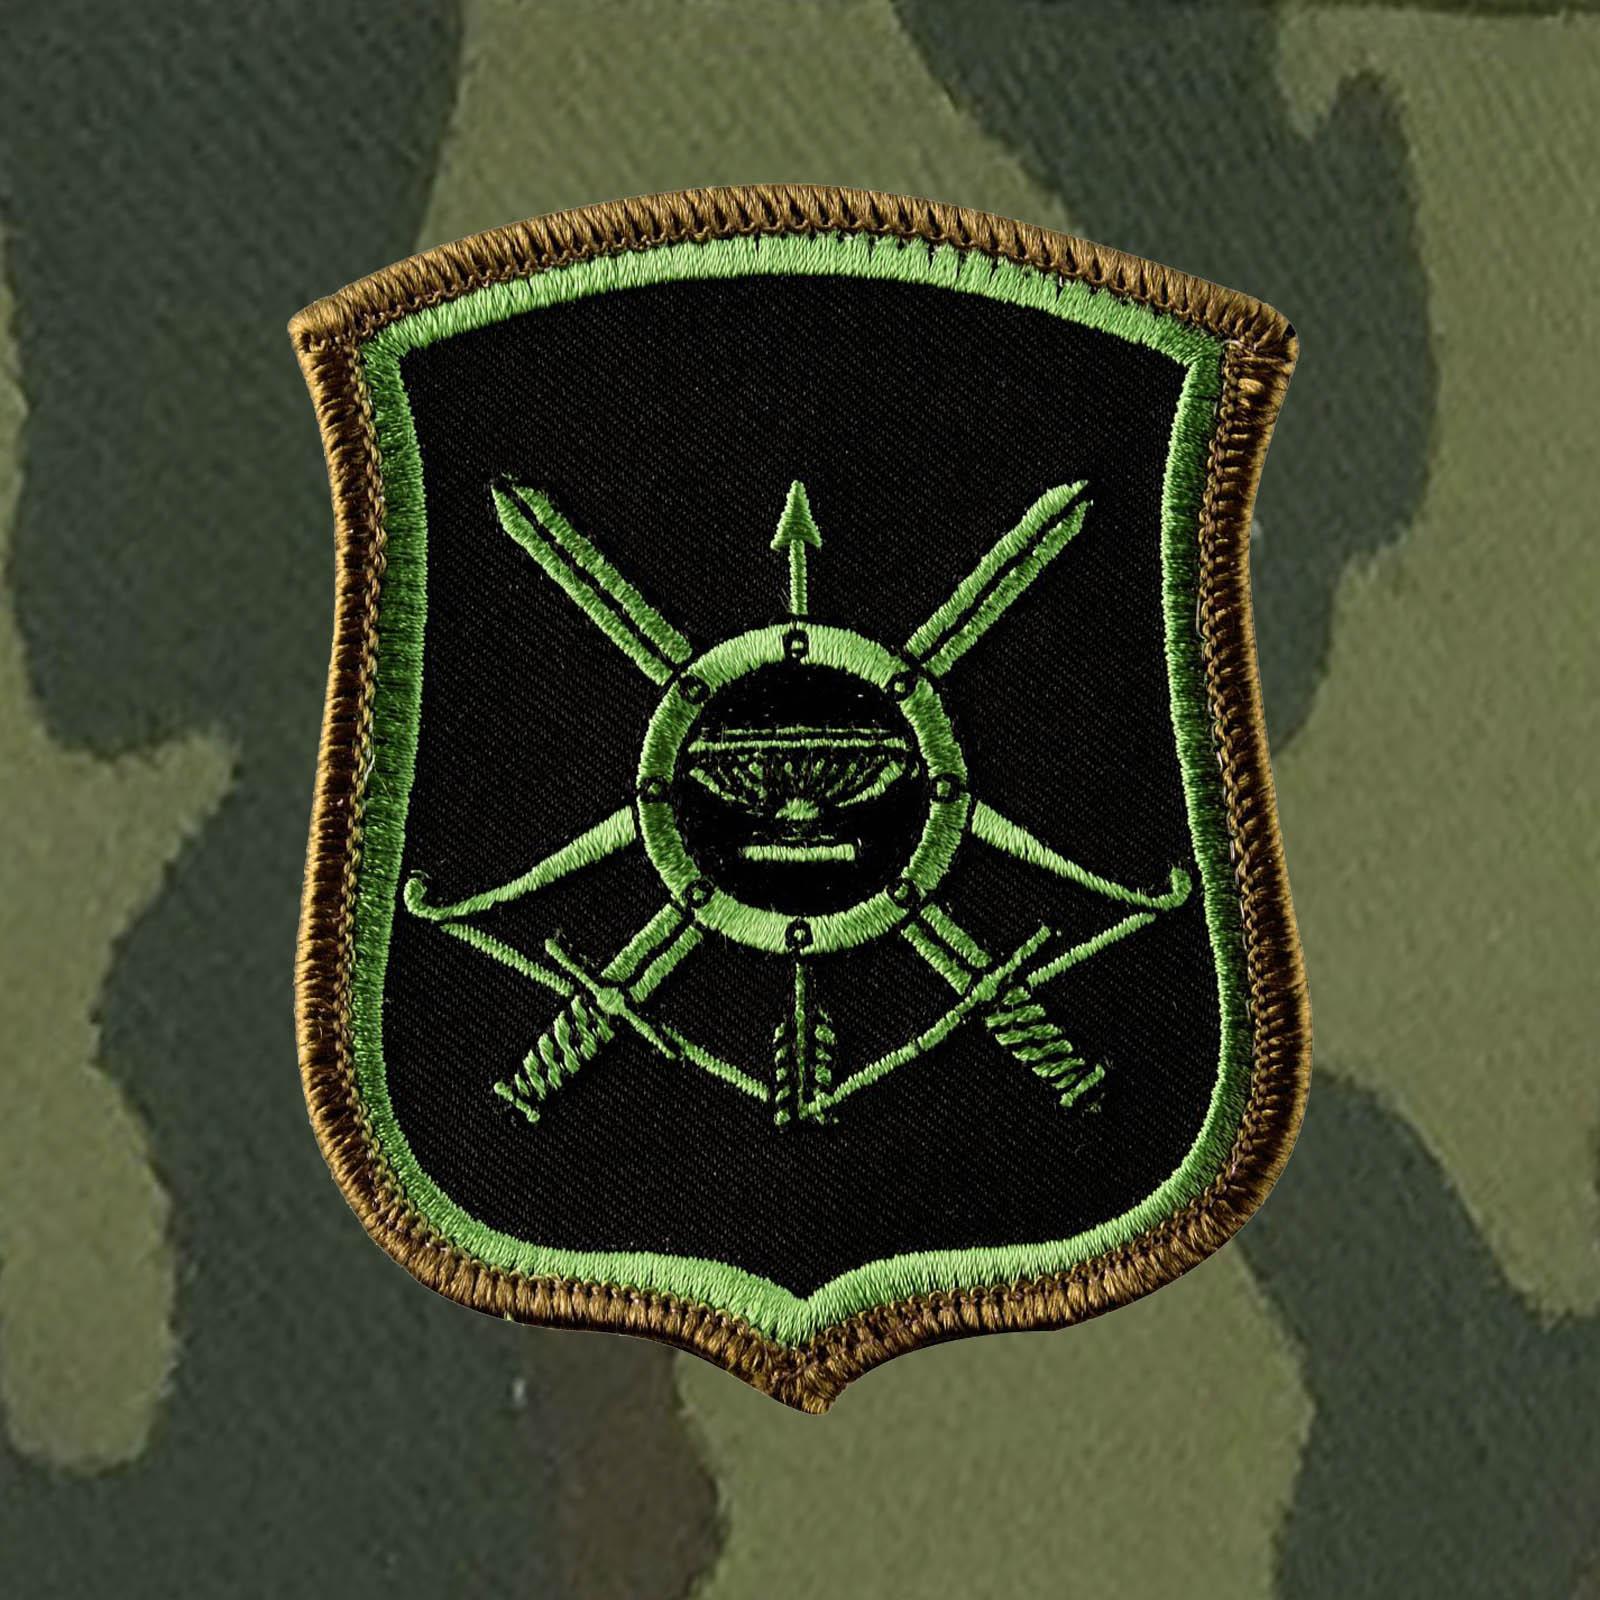 Кепка-камуфляж для бойцов 35-ой ракетной дивизии РВСН.